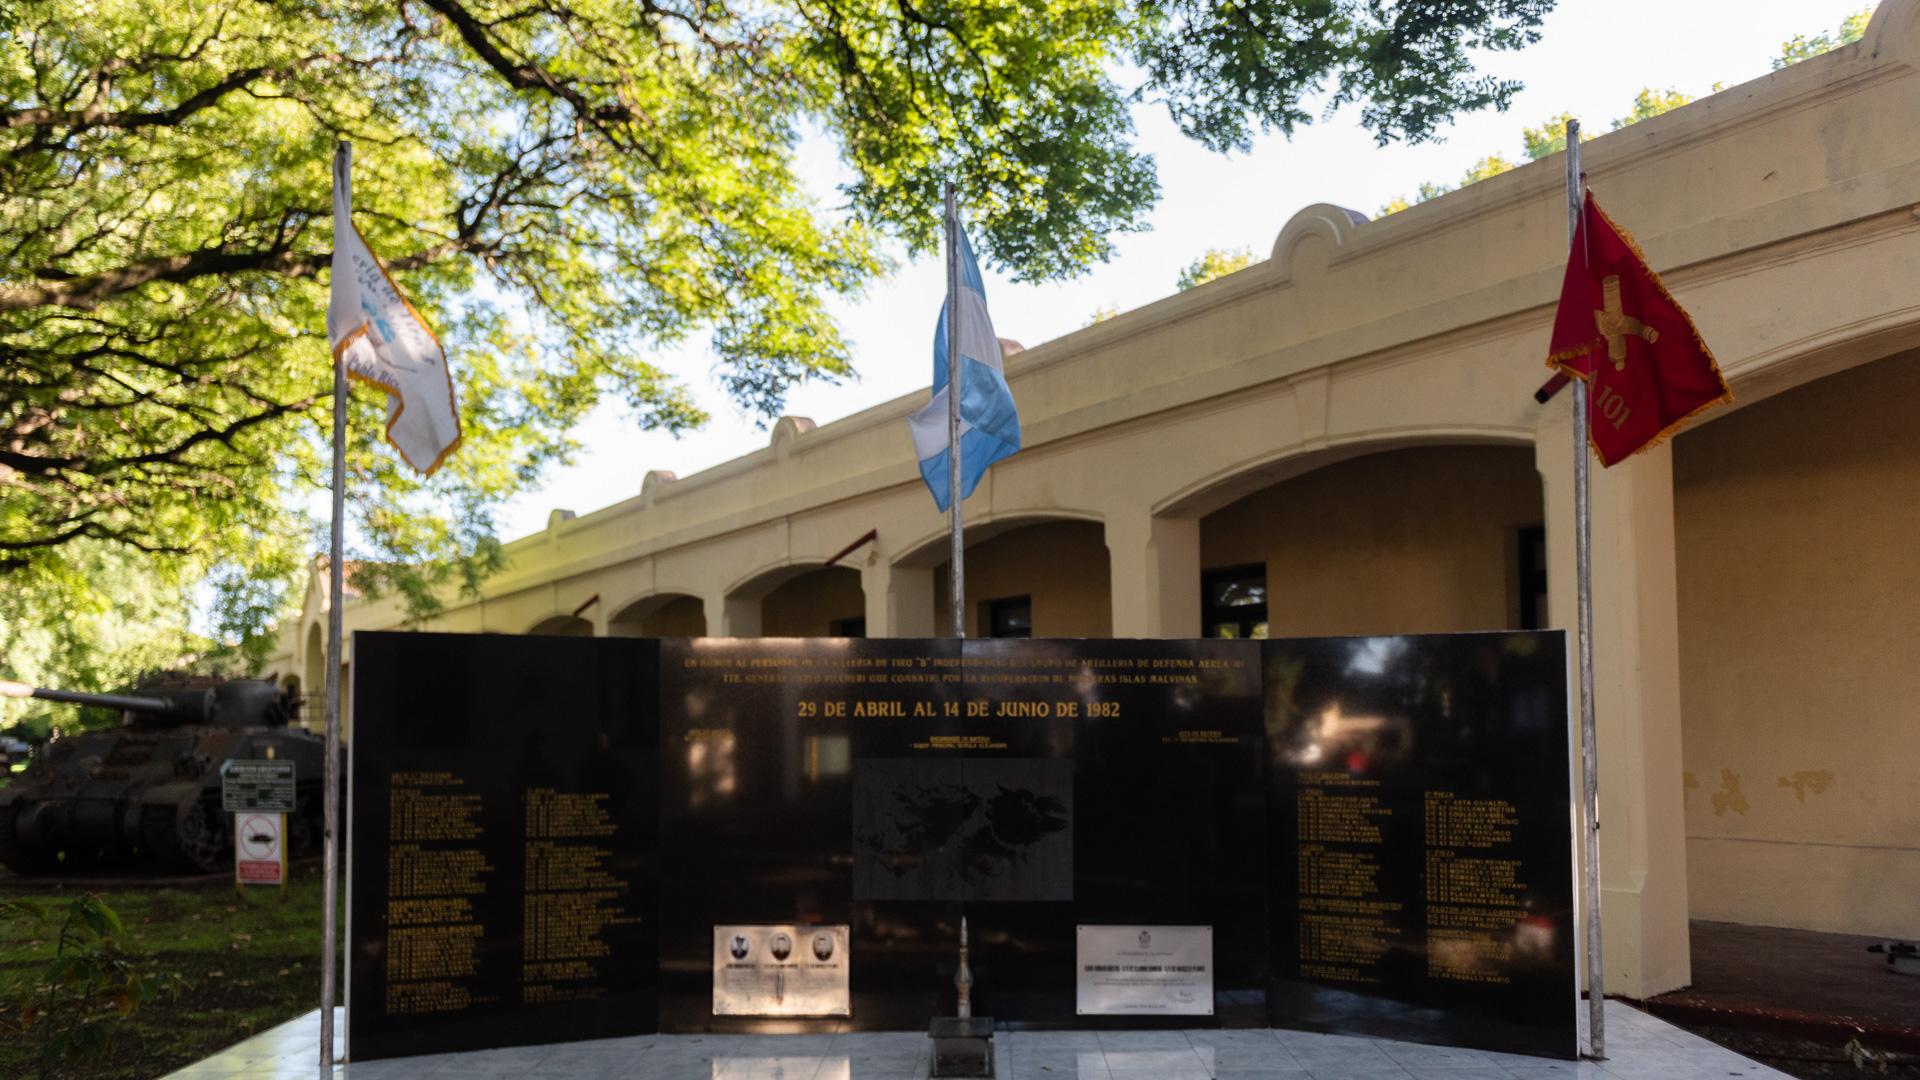 Monumento a Malvinas en el ingreso al predio del Museo del Ejército Argentino en los